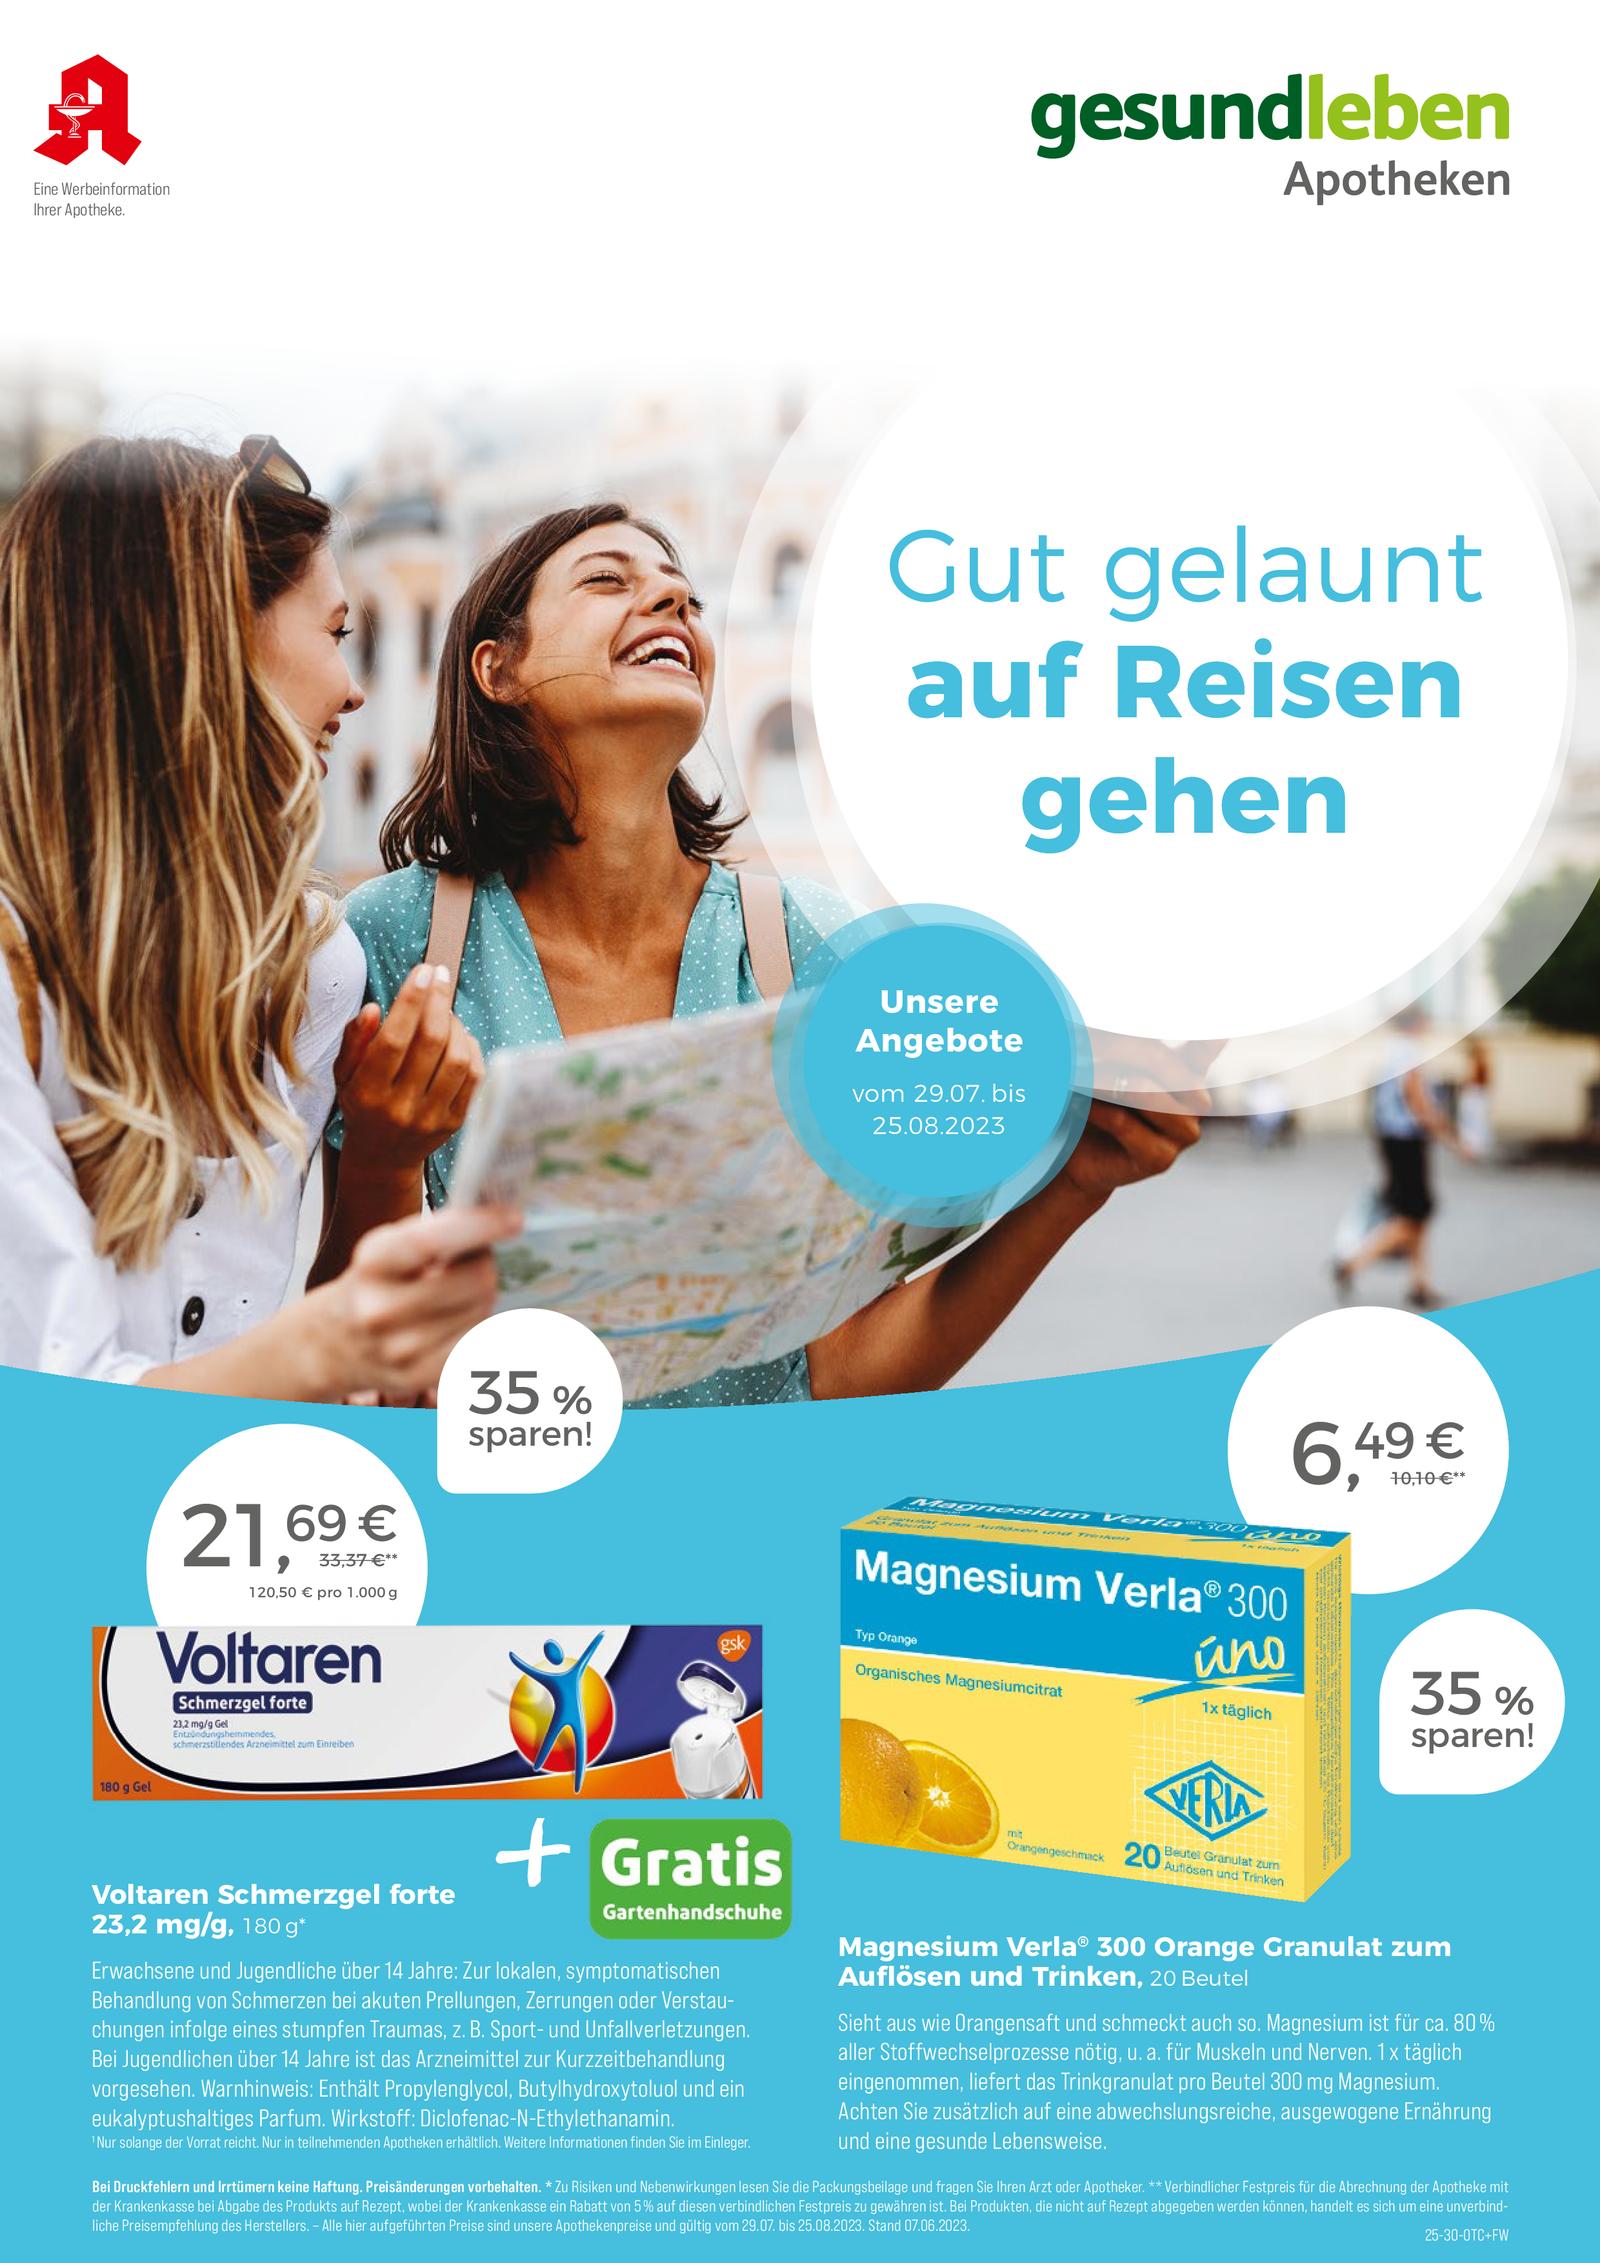 https://mein-uploads.apocdn.net/203/leaflets/gesundleben_hoch-Seite1.png